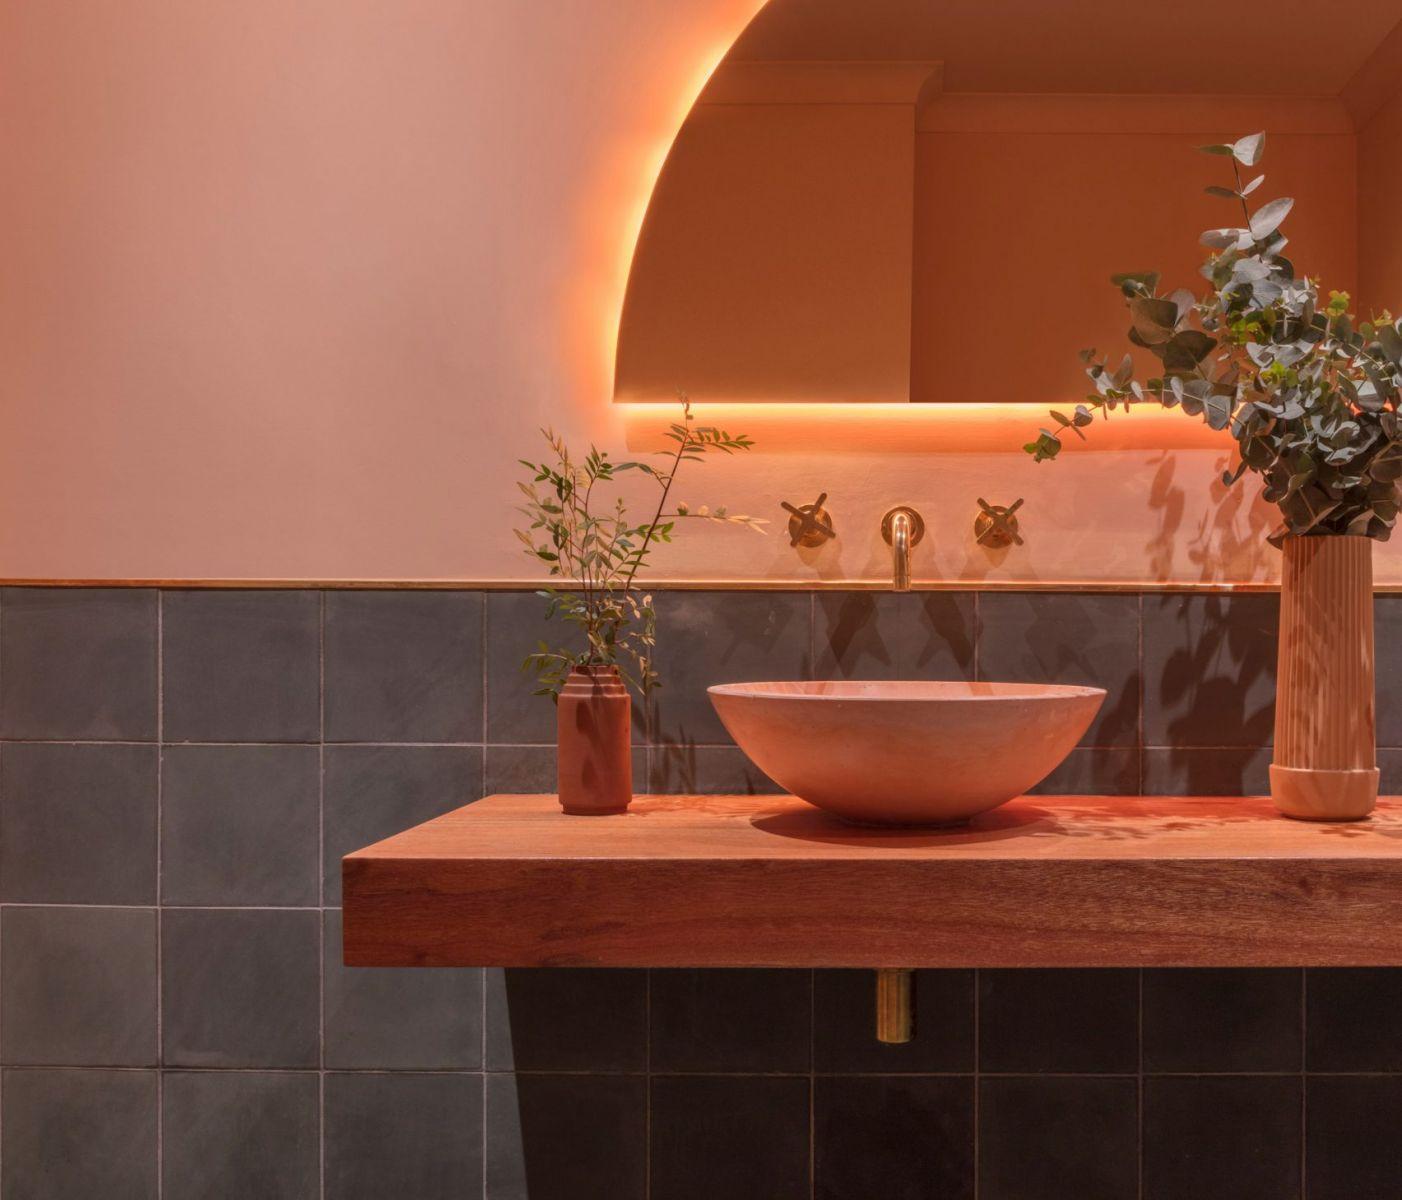 Bồn rửa tay màu hồng đào kết hợp cùng ánh đèn vàng dịu dàng giúp không gian nội thất trở nên ấn tượng